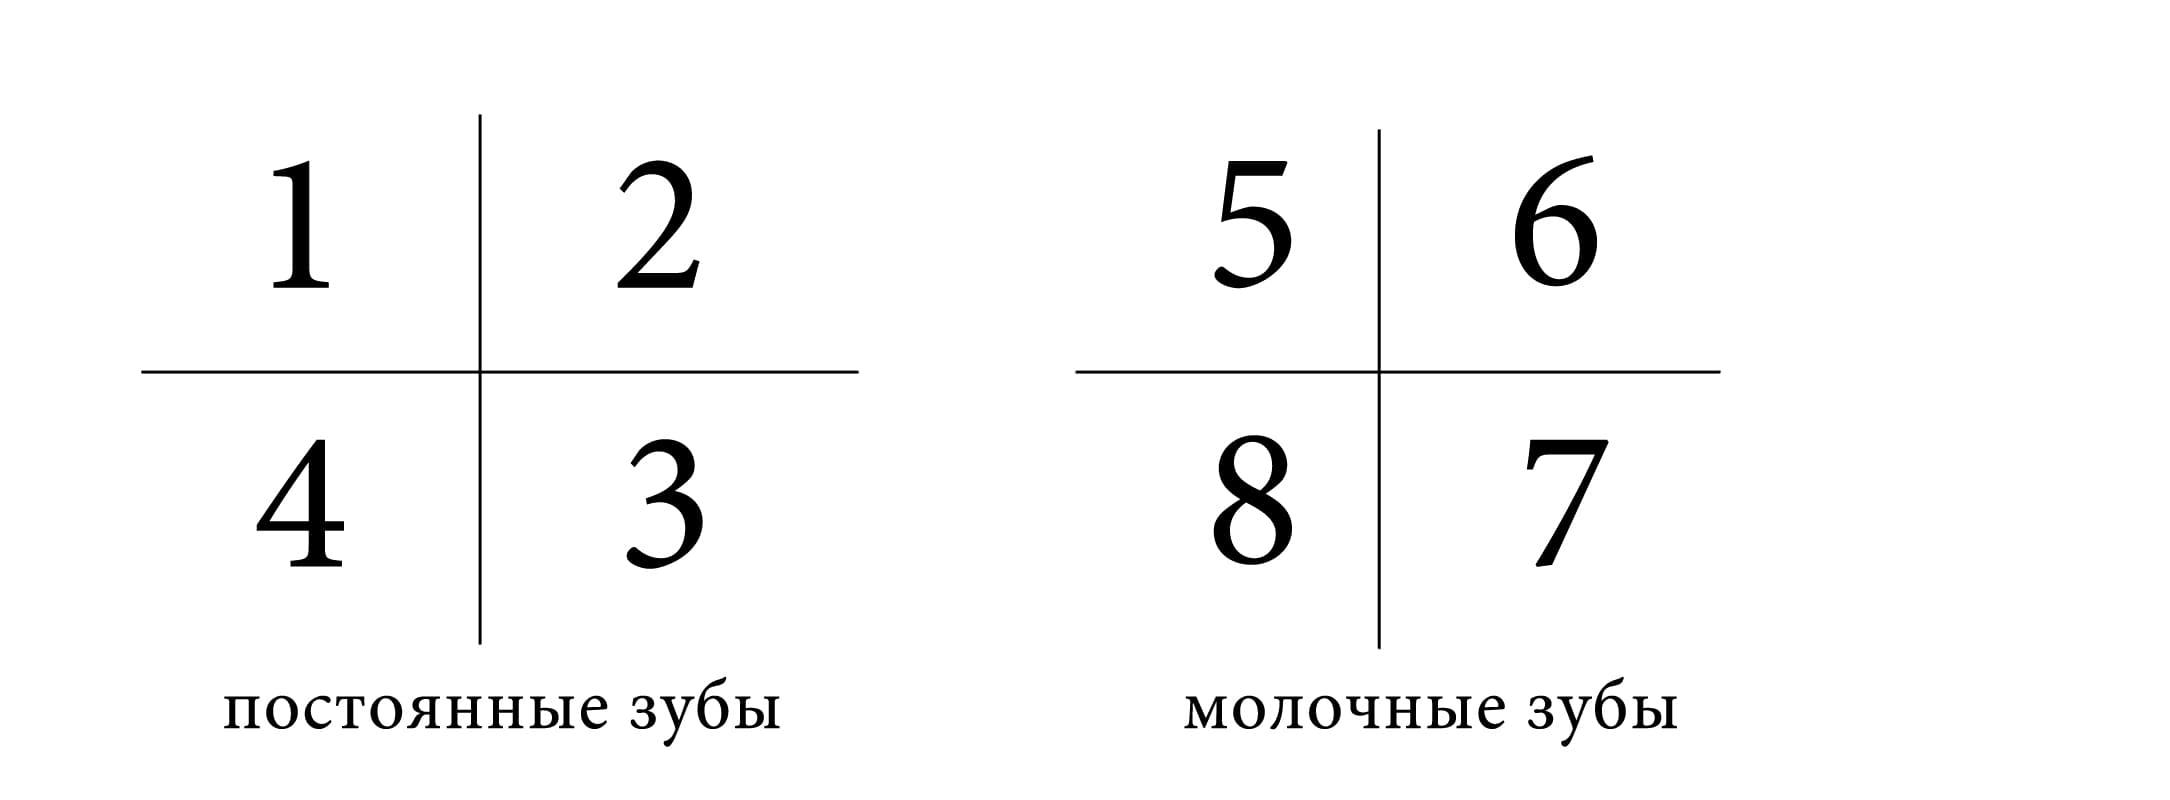 Нумерация сегментов зубных рядов по ВОЗ